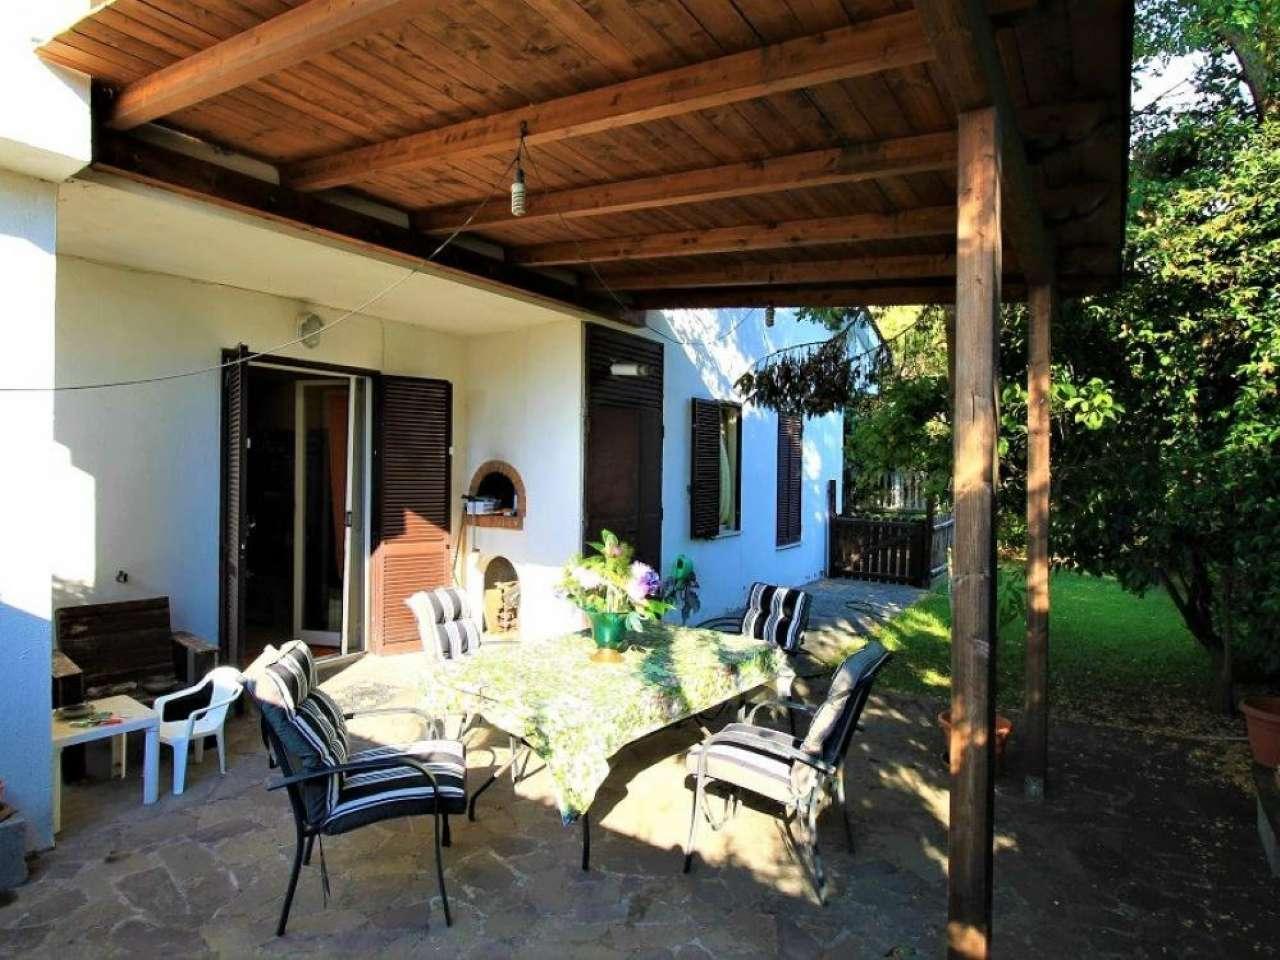 Villa in vendita a Pomezia, 5 locali, prezzo € 265.000 | CambioCasa.it